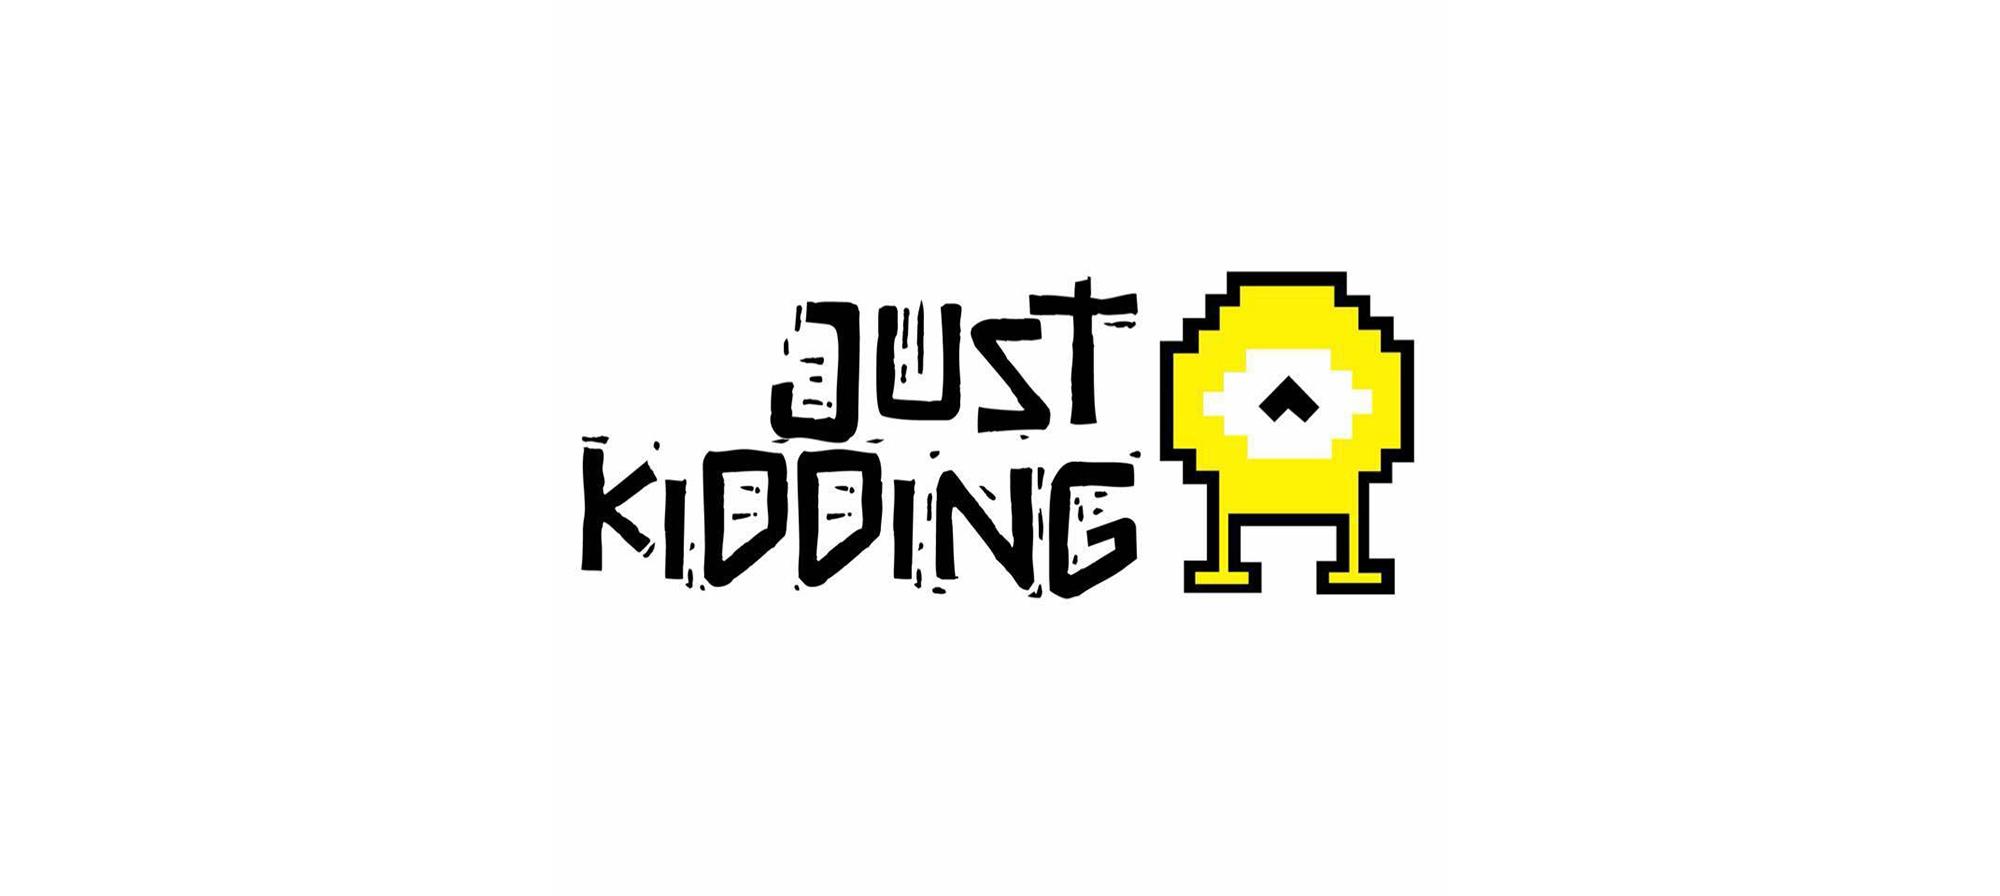 JustKidding,追尋夢想,多元化優質產品,豐富完善選擇,滿足不同需要,優質服務,賓至如歸,生活需要